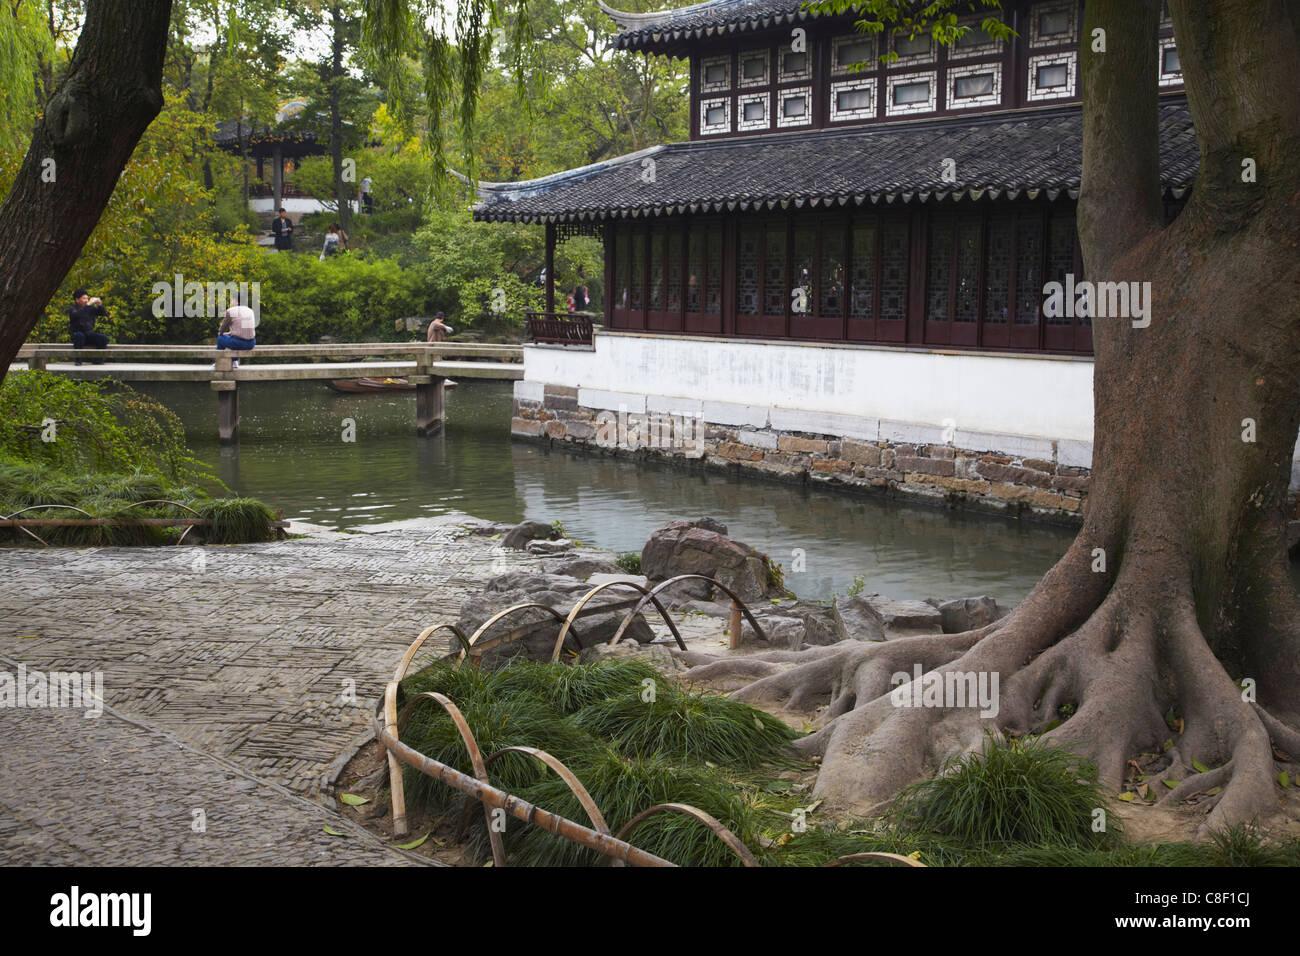 El Jardín del Administrador Humilde, Sitio del Patrimonio Mundial de la UNESCO, Suzhou, Jiangsu, China Imagen De Stock